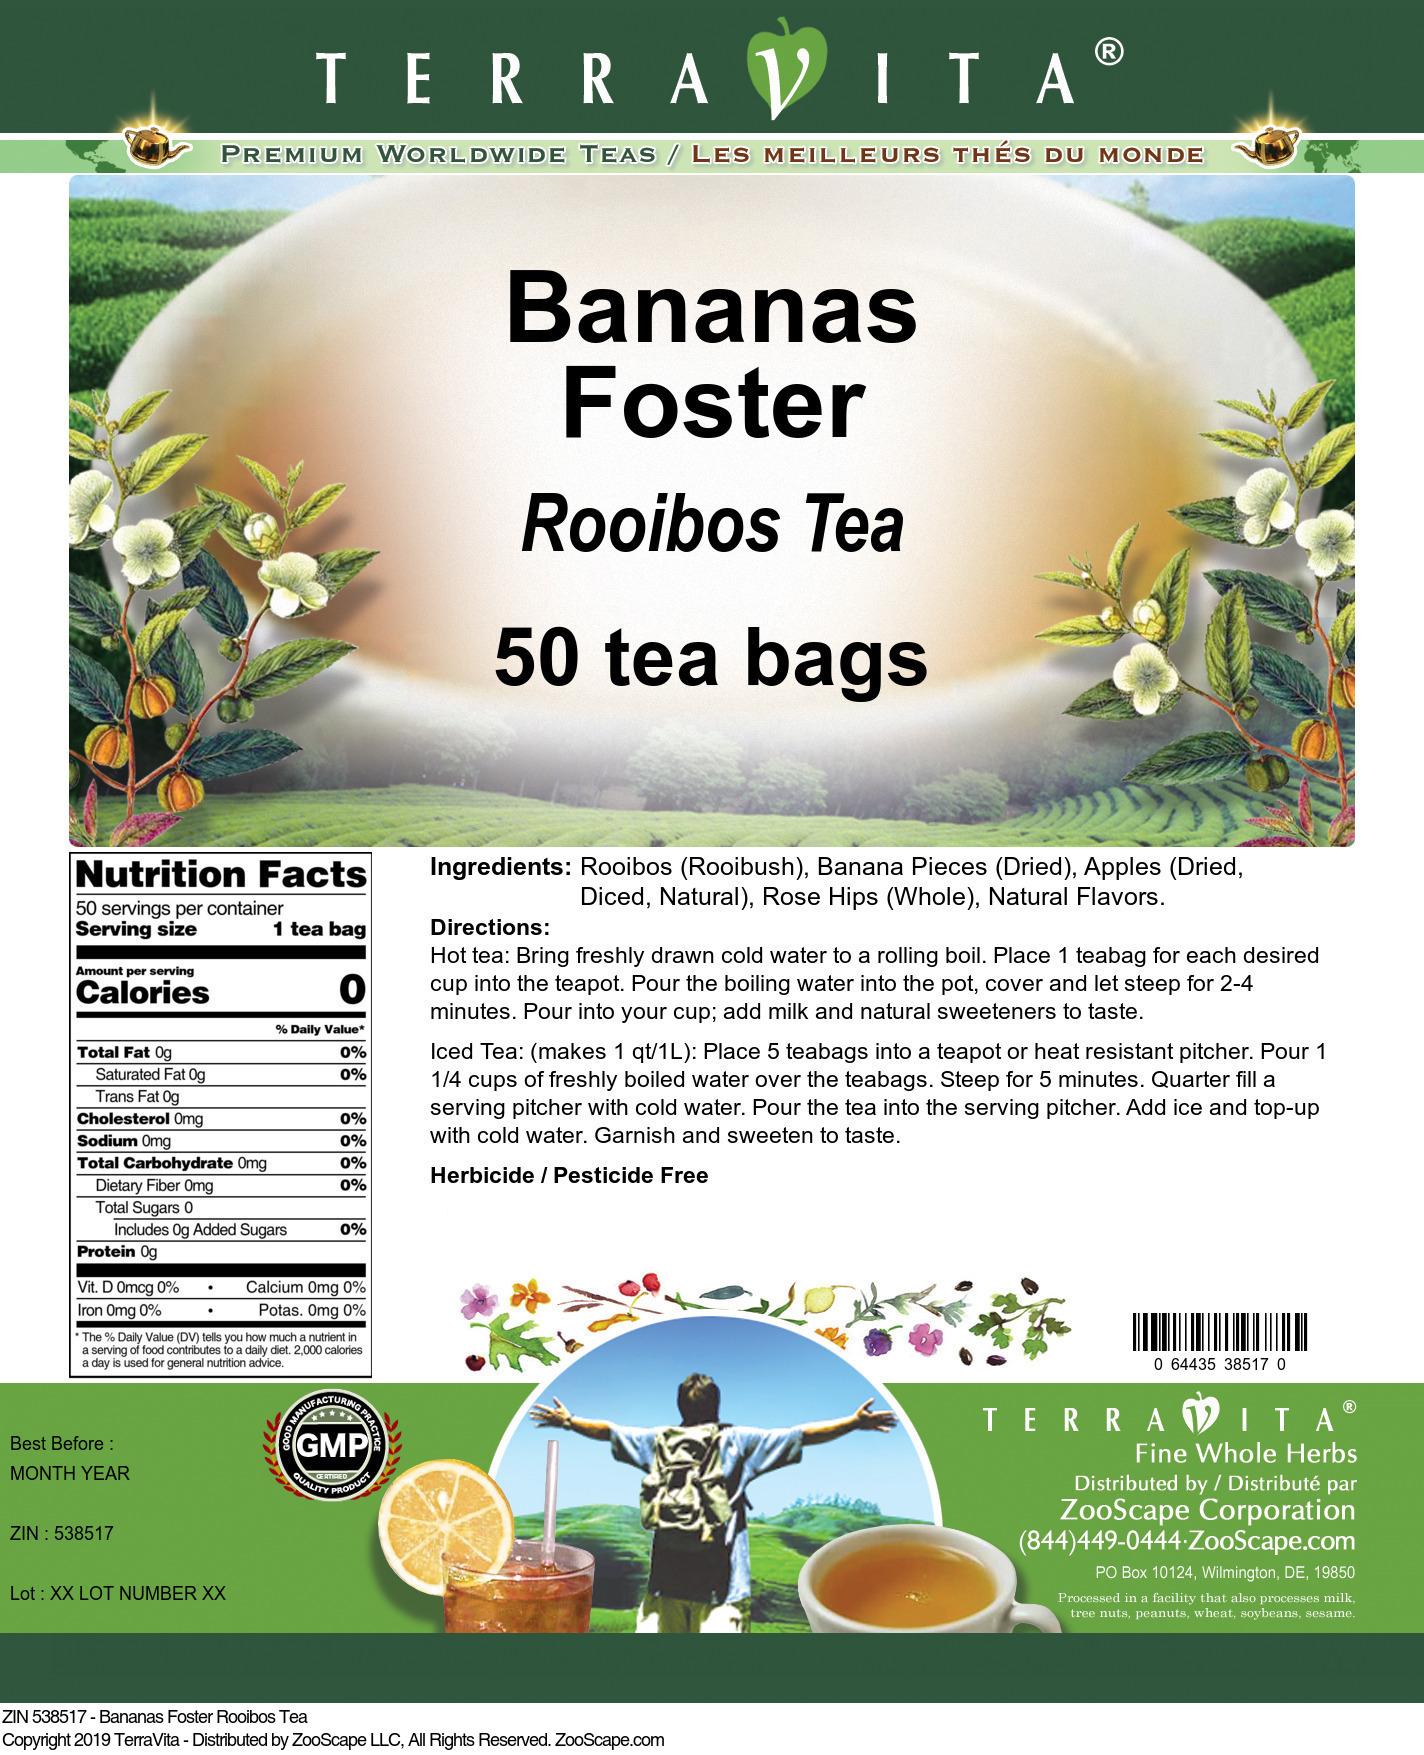 Banana Foster Rooibos Tea